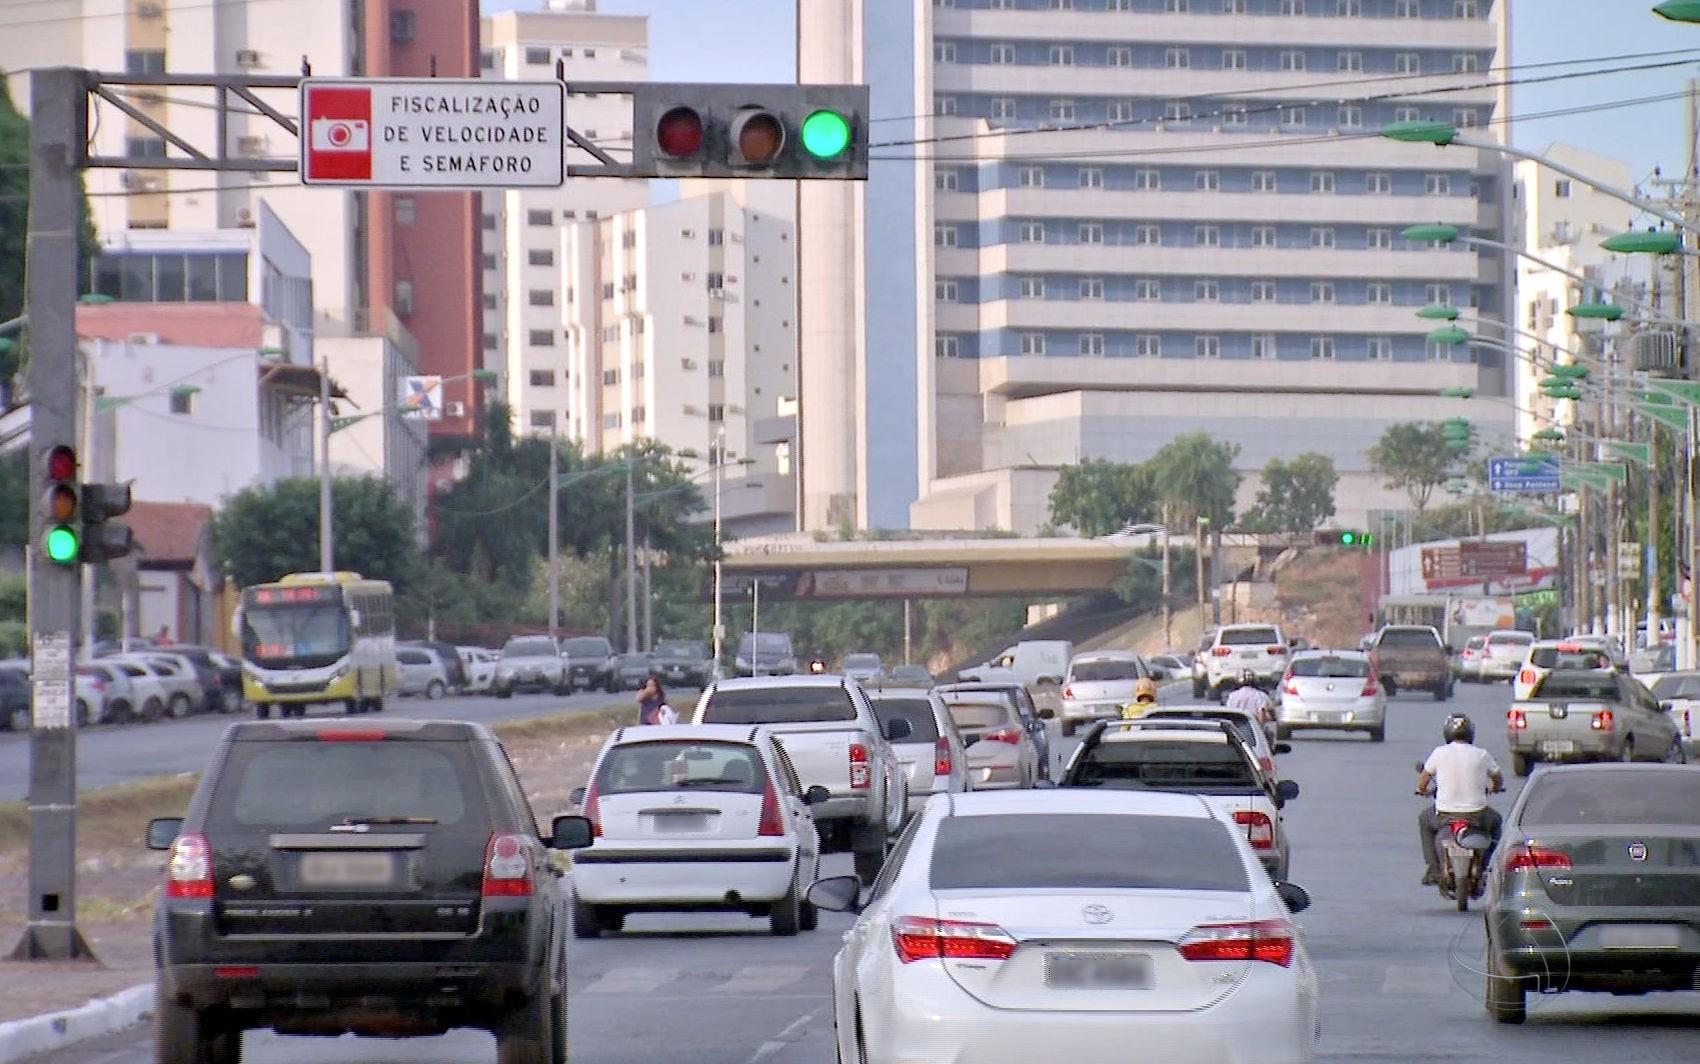 Segundo turno das eleições em Cuiabá: 1,3 km da Avenida do CPA será interditada no sábado e domingo